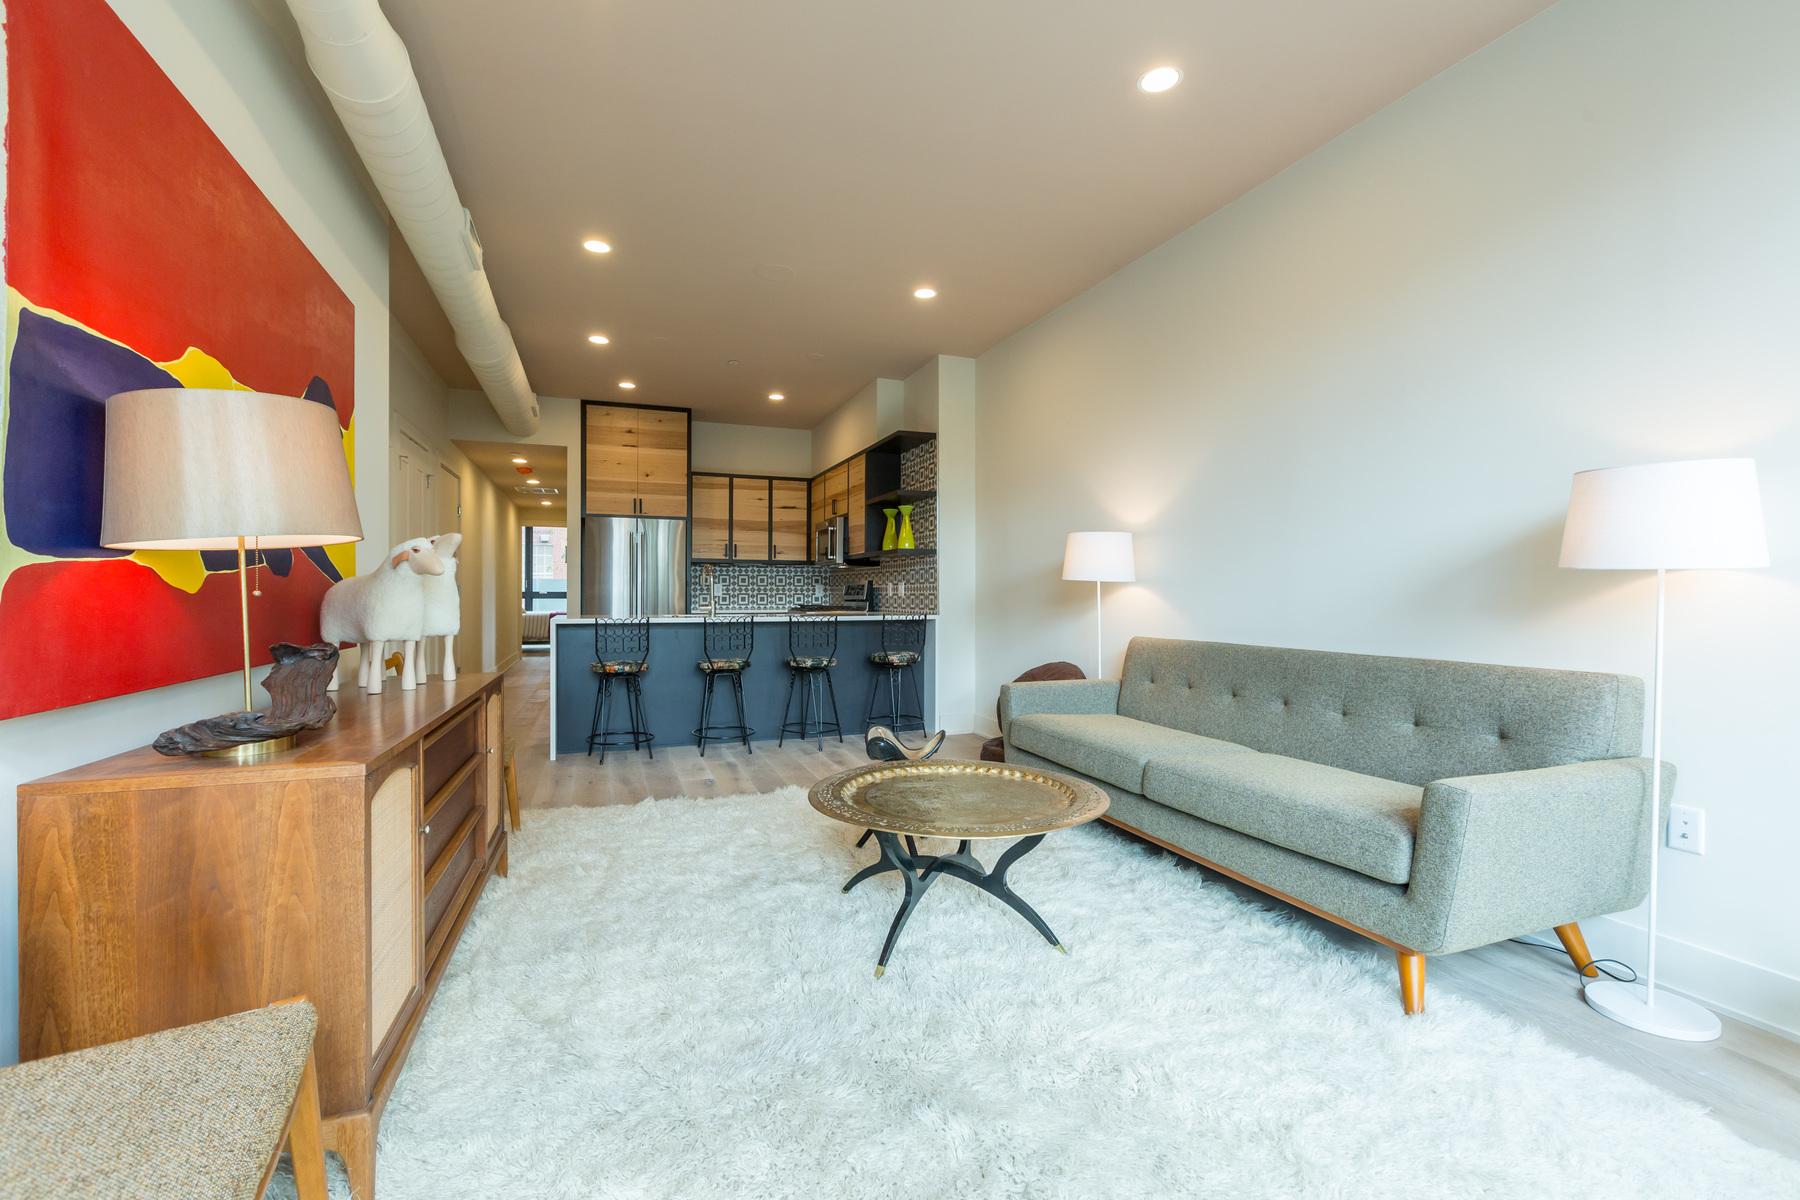 sales property at 1012 Harvard Street Nw 3, Washington